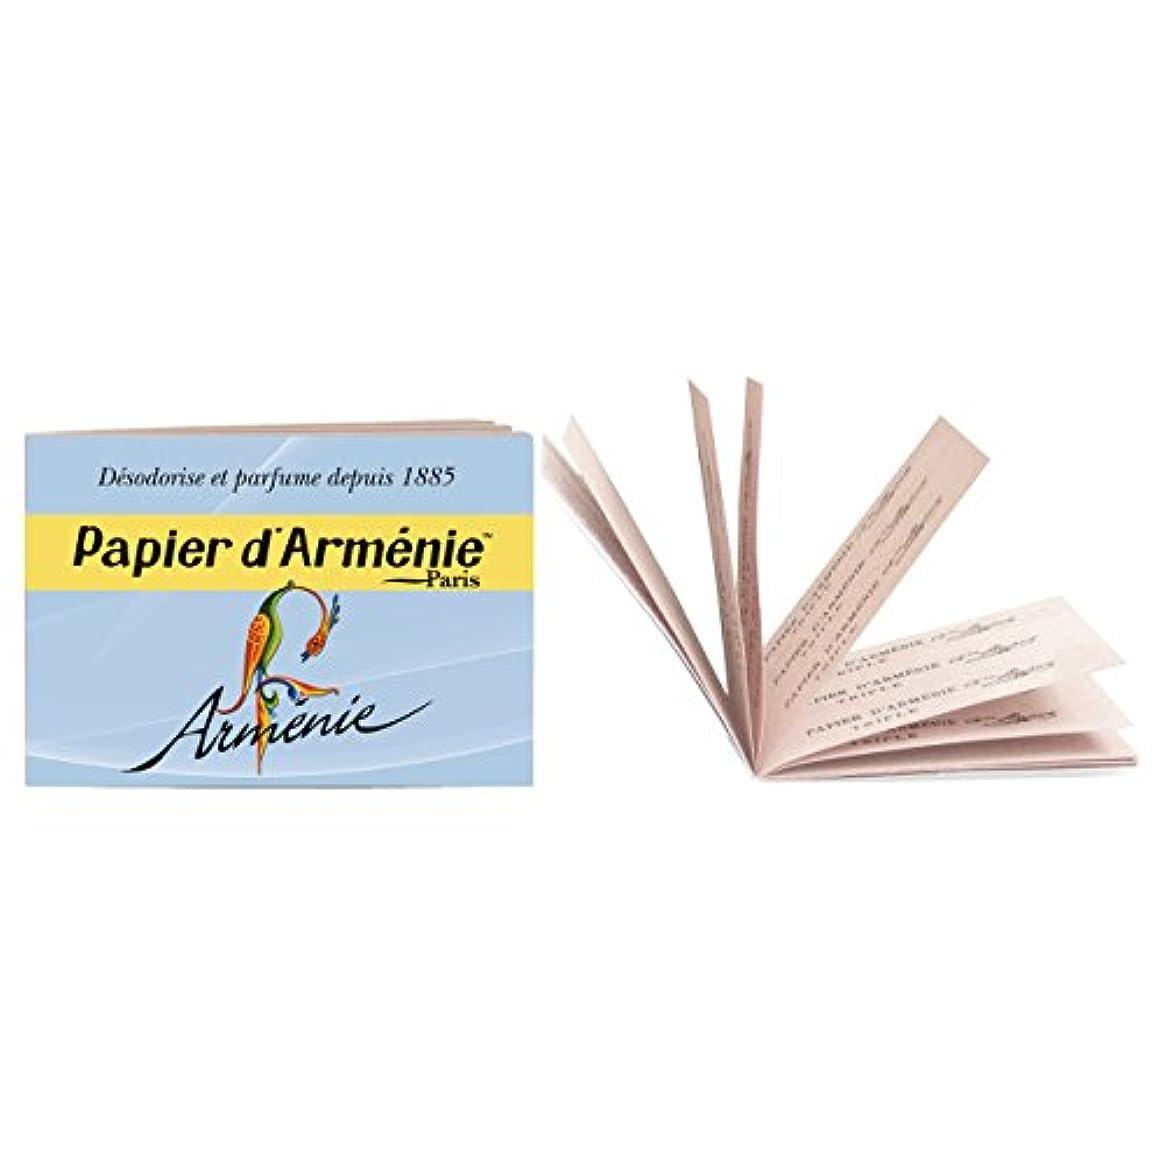 ポルノハプニング前書きパピエダルメニイ トリプル アルメニイ (紙のお香 3×12枚/36回分)